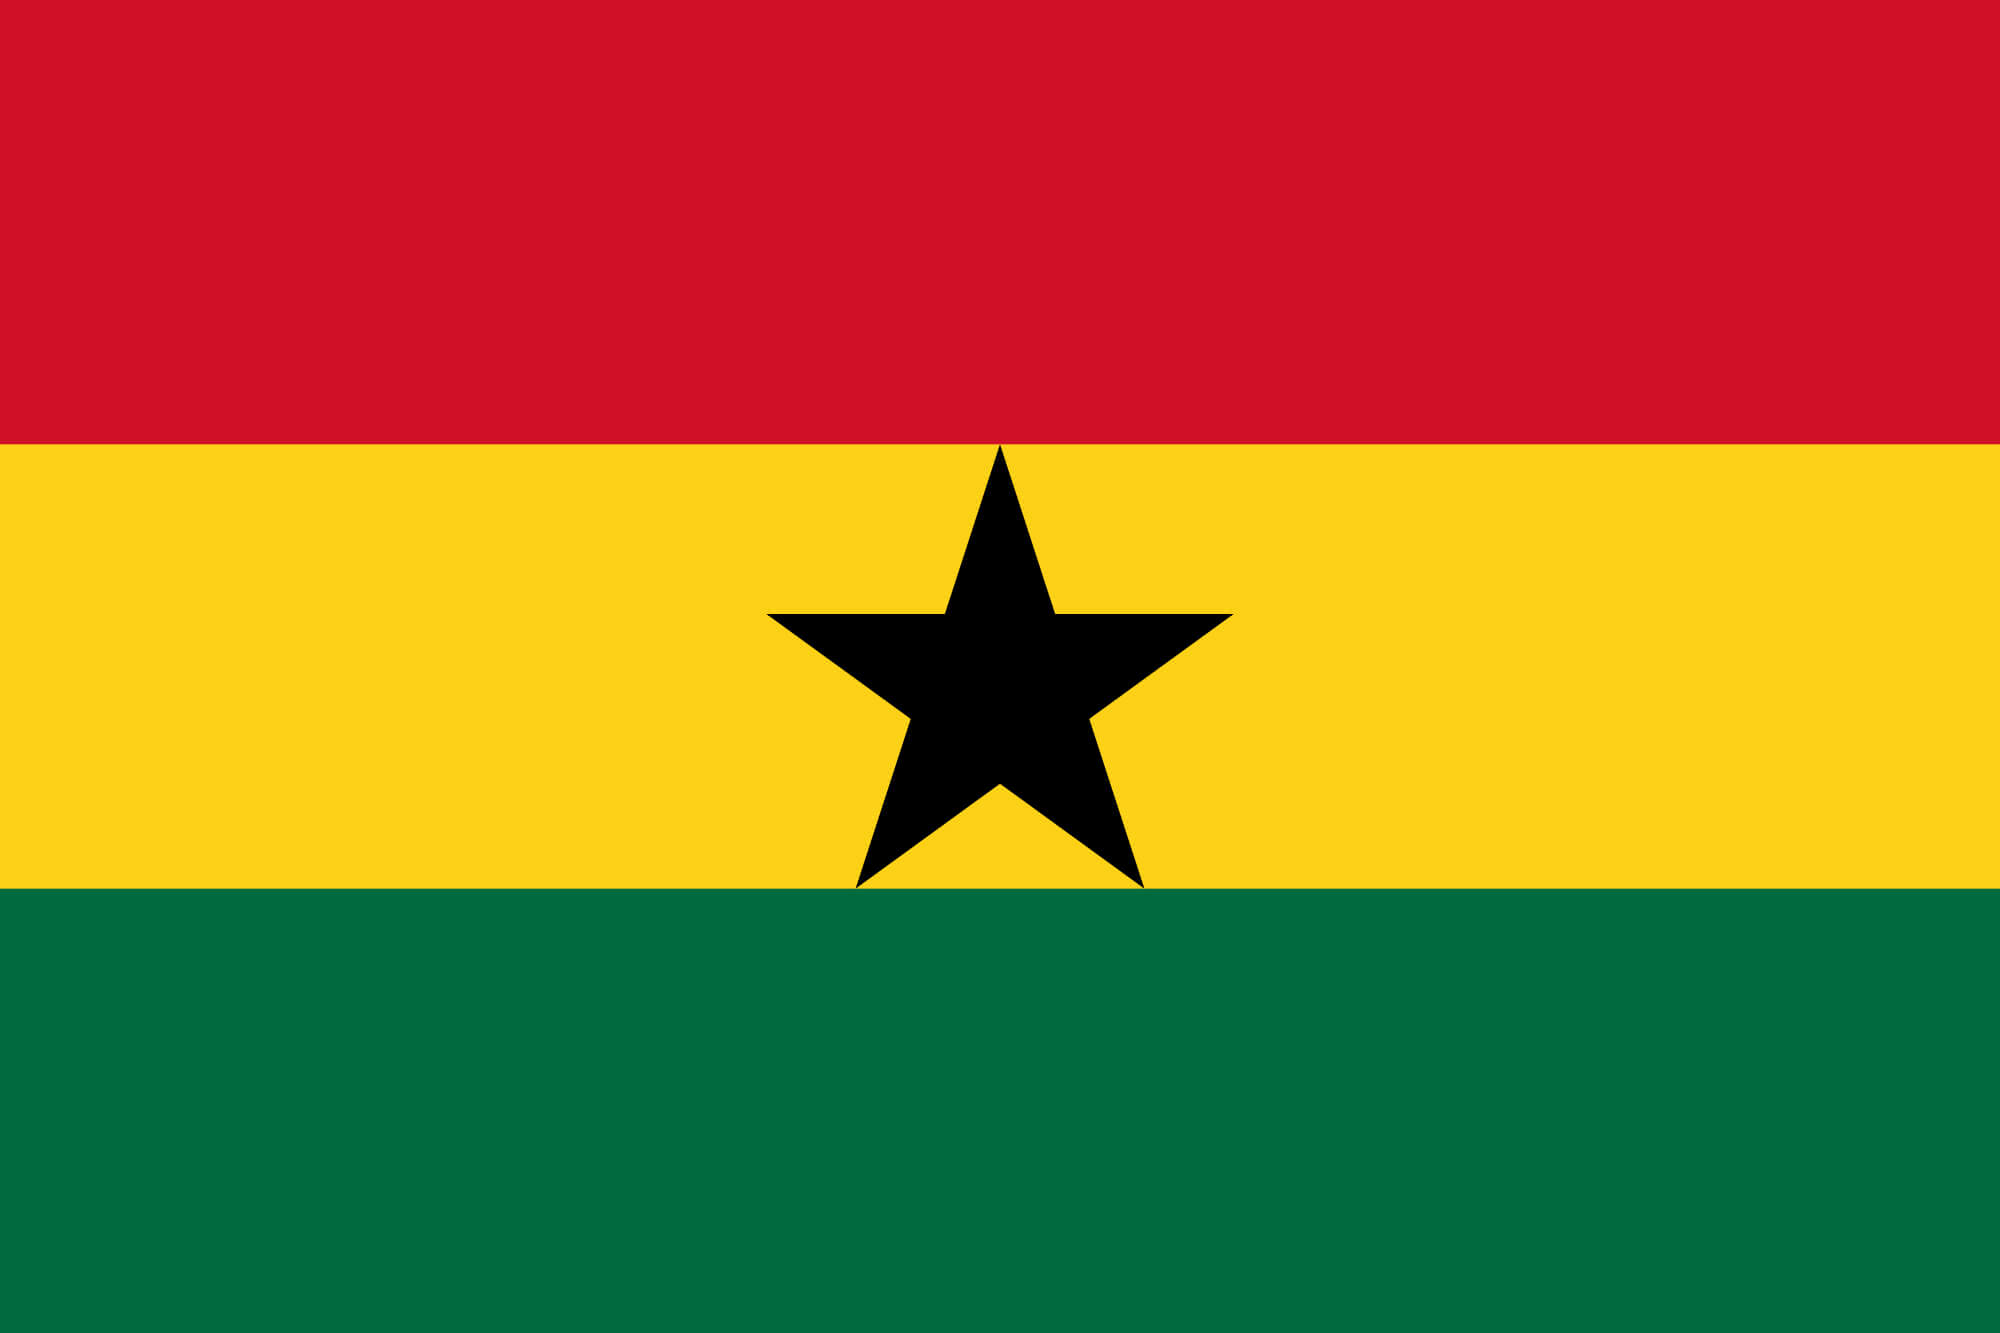 GhanaFlagImage.jpg